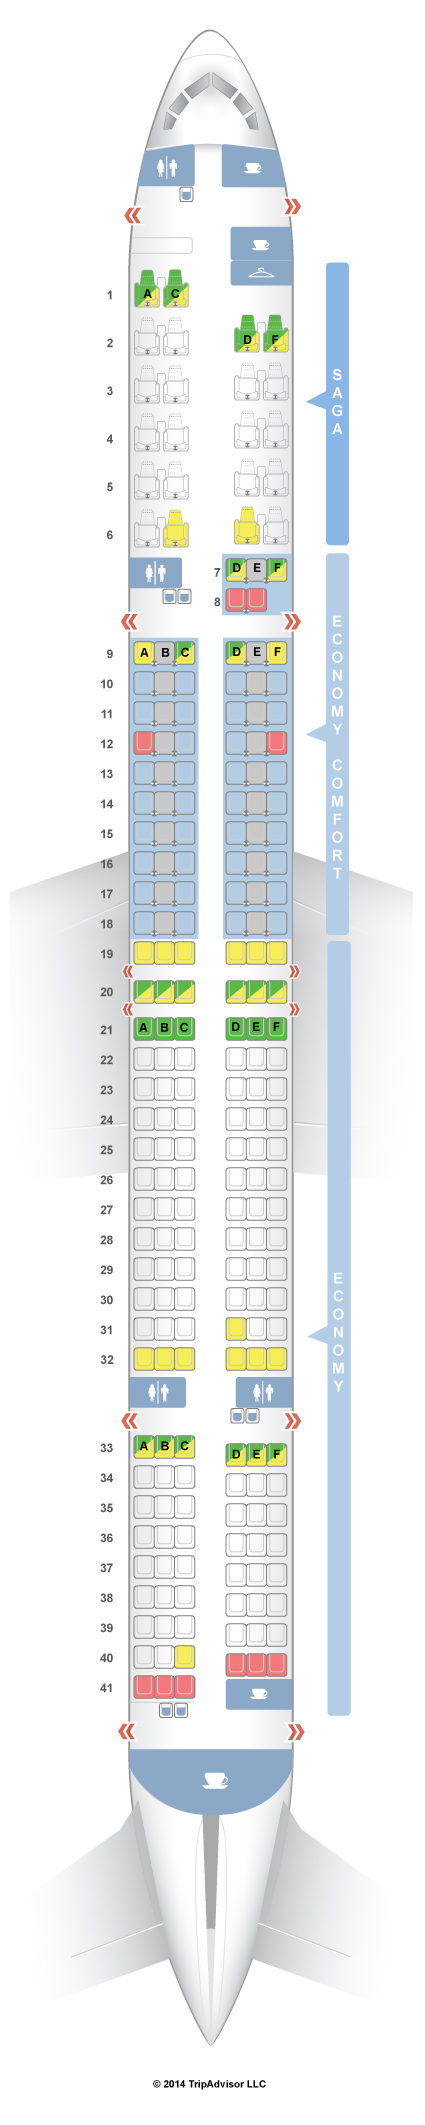 Seatguru seat map icelandair boeing also best images rh pinterest